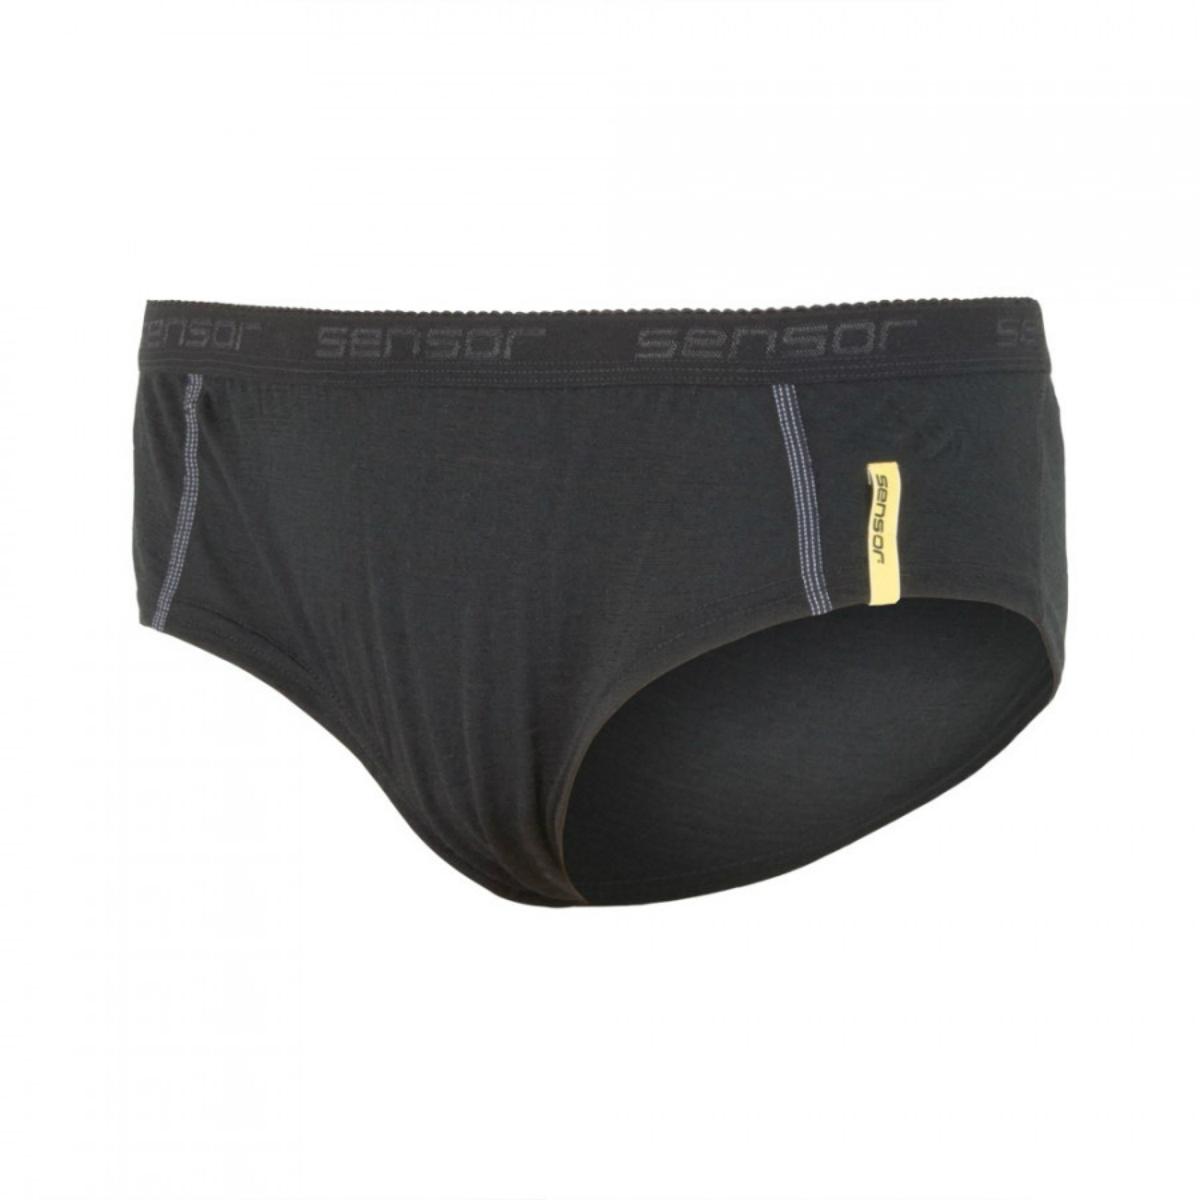 Čierna mačička v nohavičkách